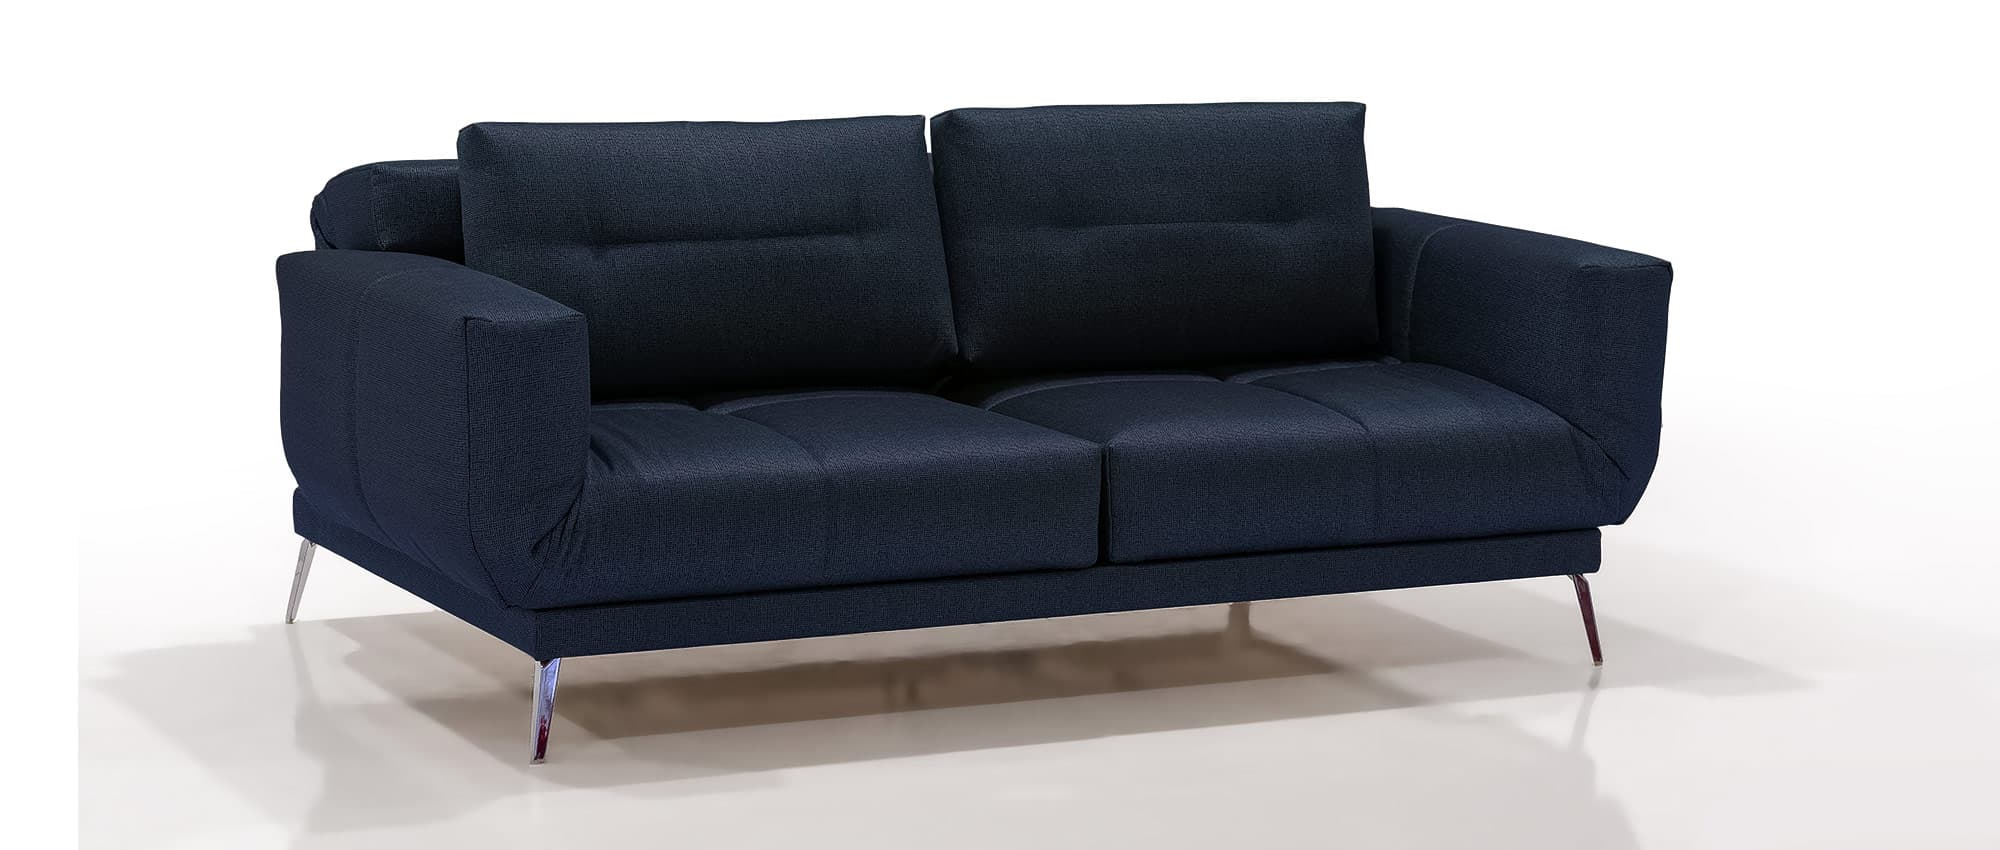 Schlafsofa LETTO von Franz Fertig in blau mit Chromfüßen. Holzfüße auch möglich. Gästebett für 2 Personen. Sofa mit Schlaffunktion.